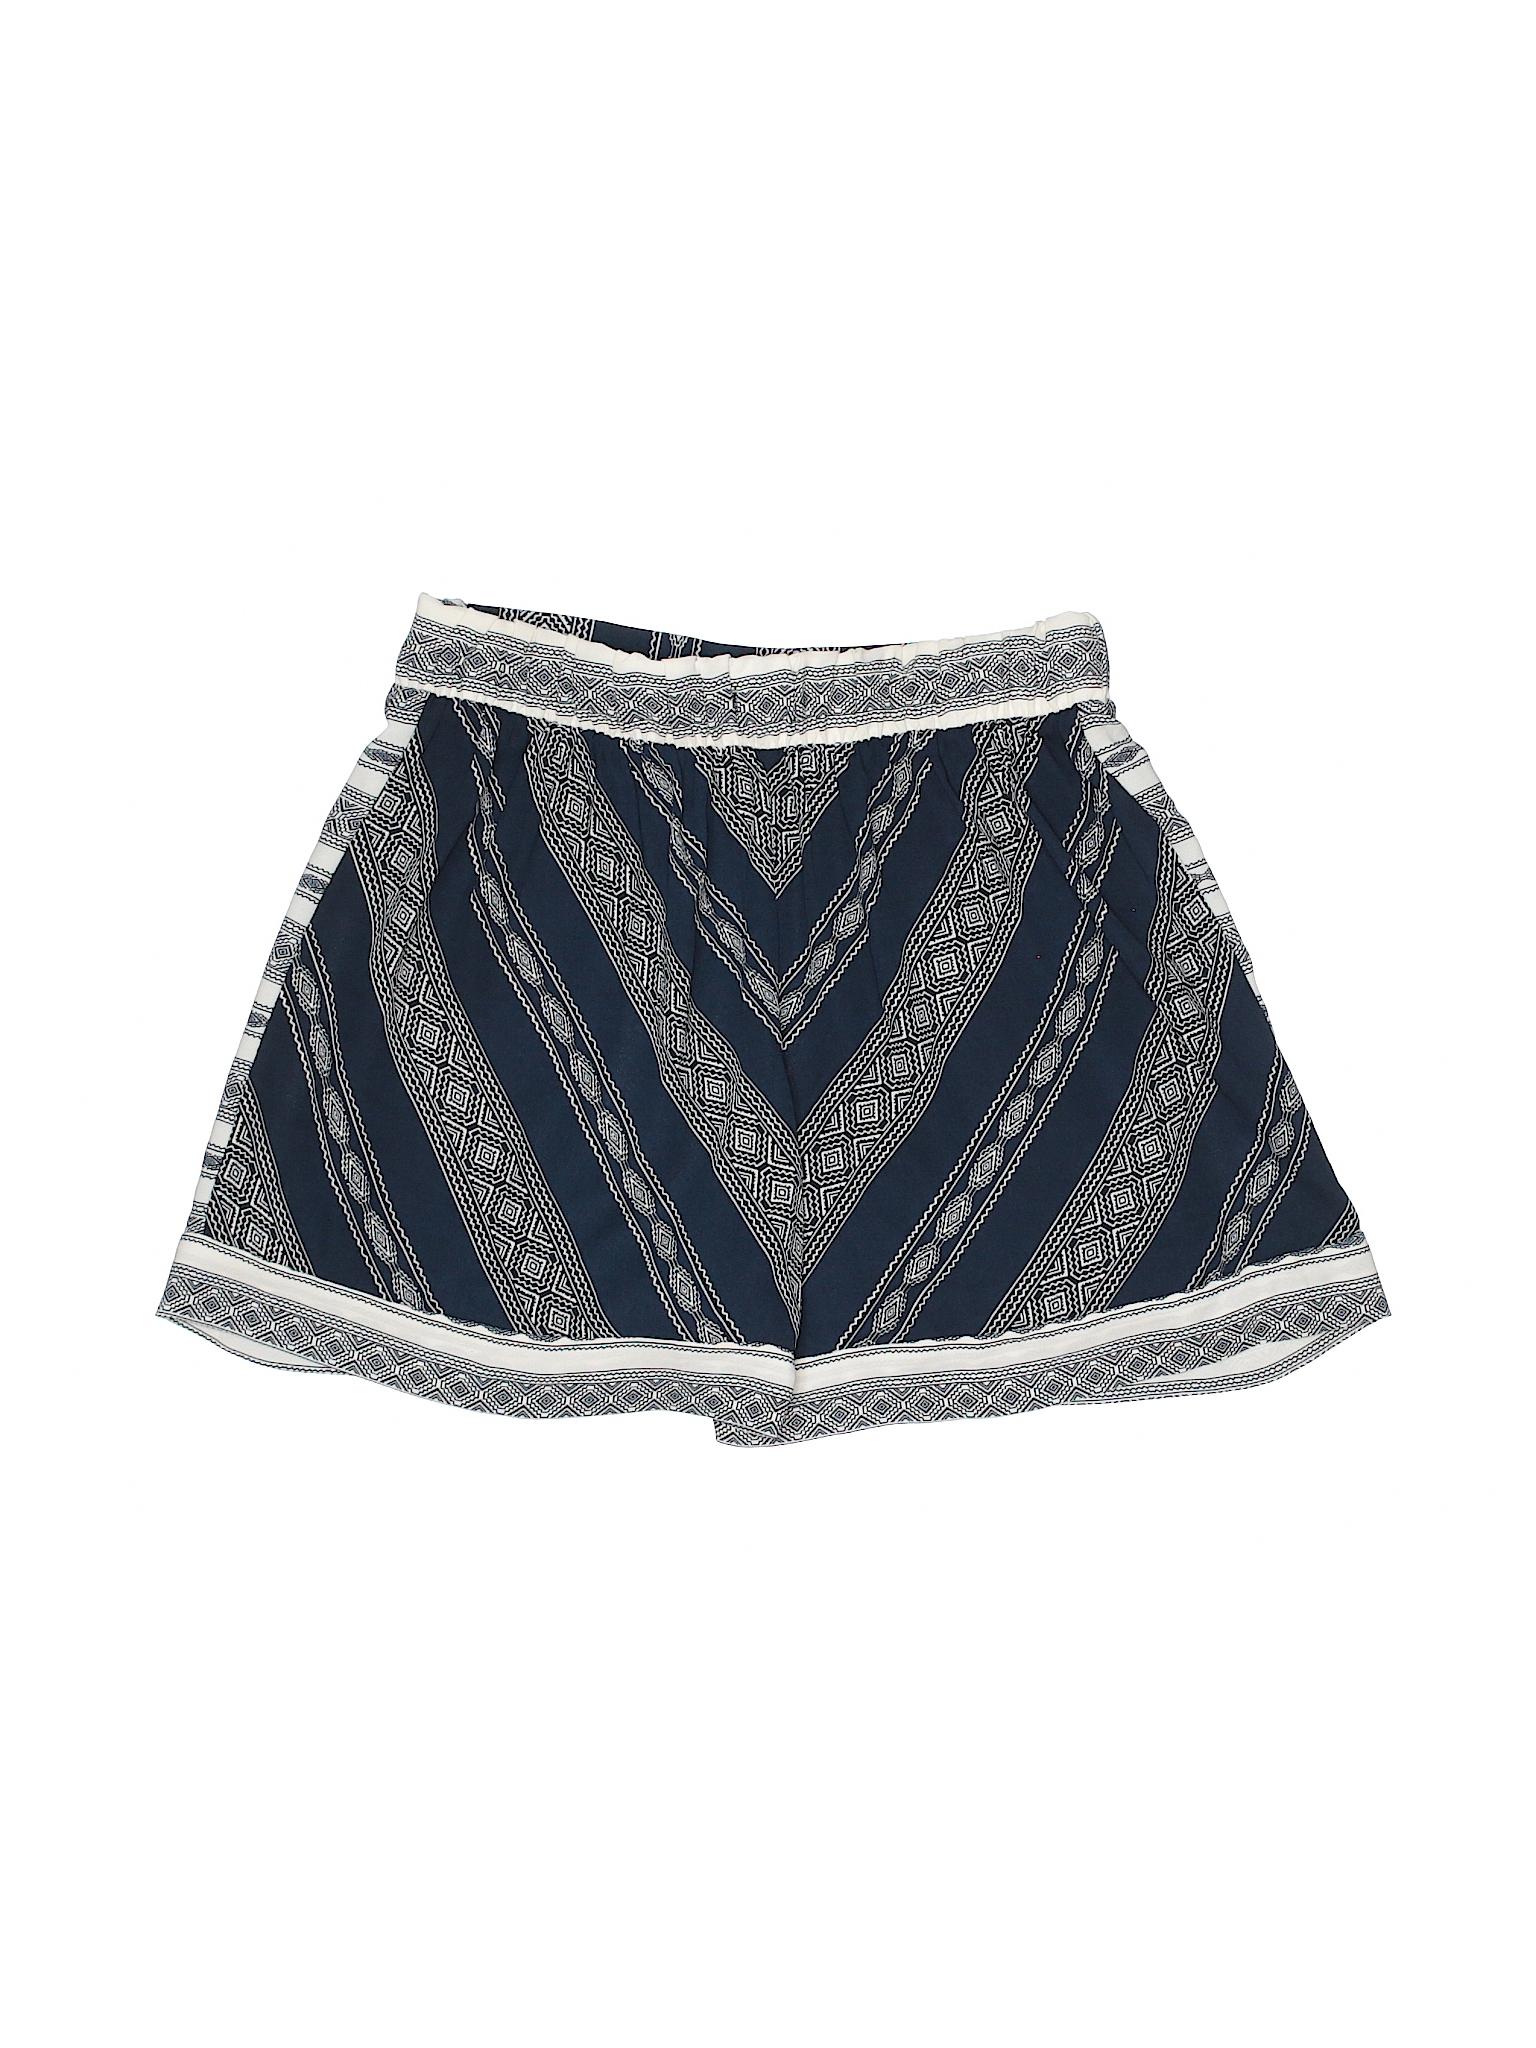 Xhilaration Shorts Boutique Boutique Boutique Xhilaration Xhilaration Shorts OxS4vzwZqx